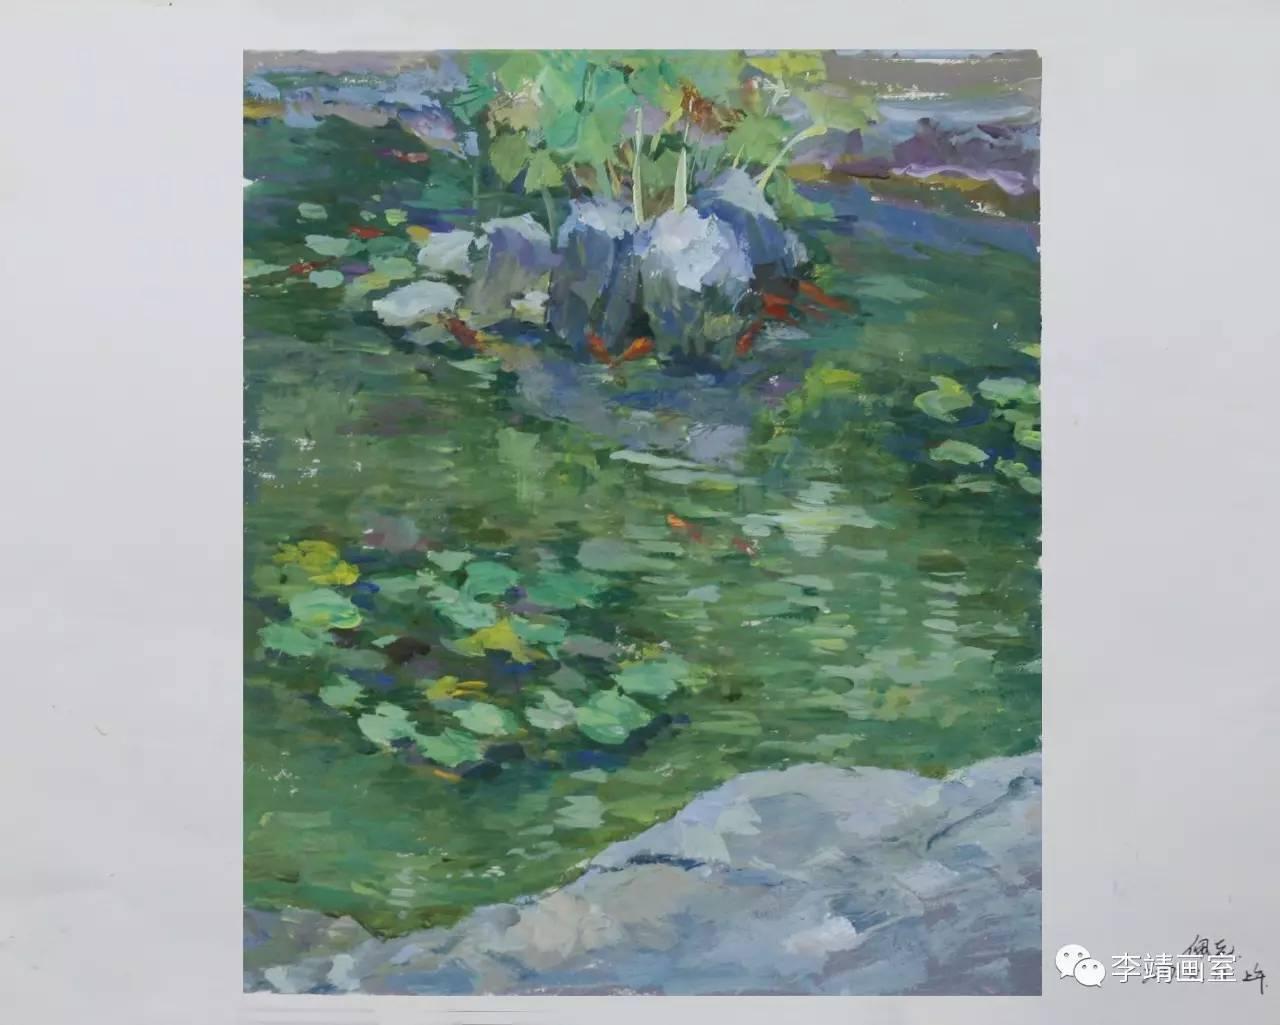 写给青春的诗 李靖画室色彩风景写生记